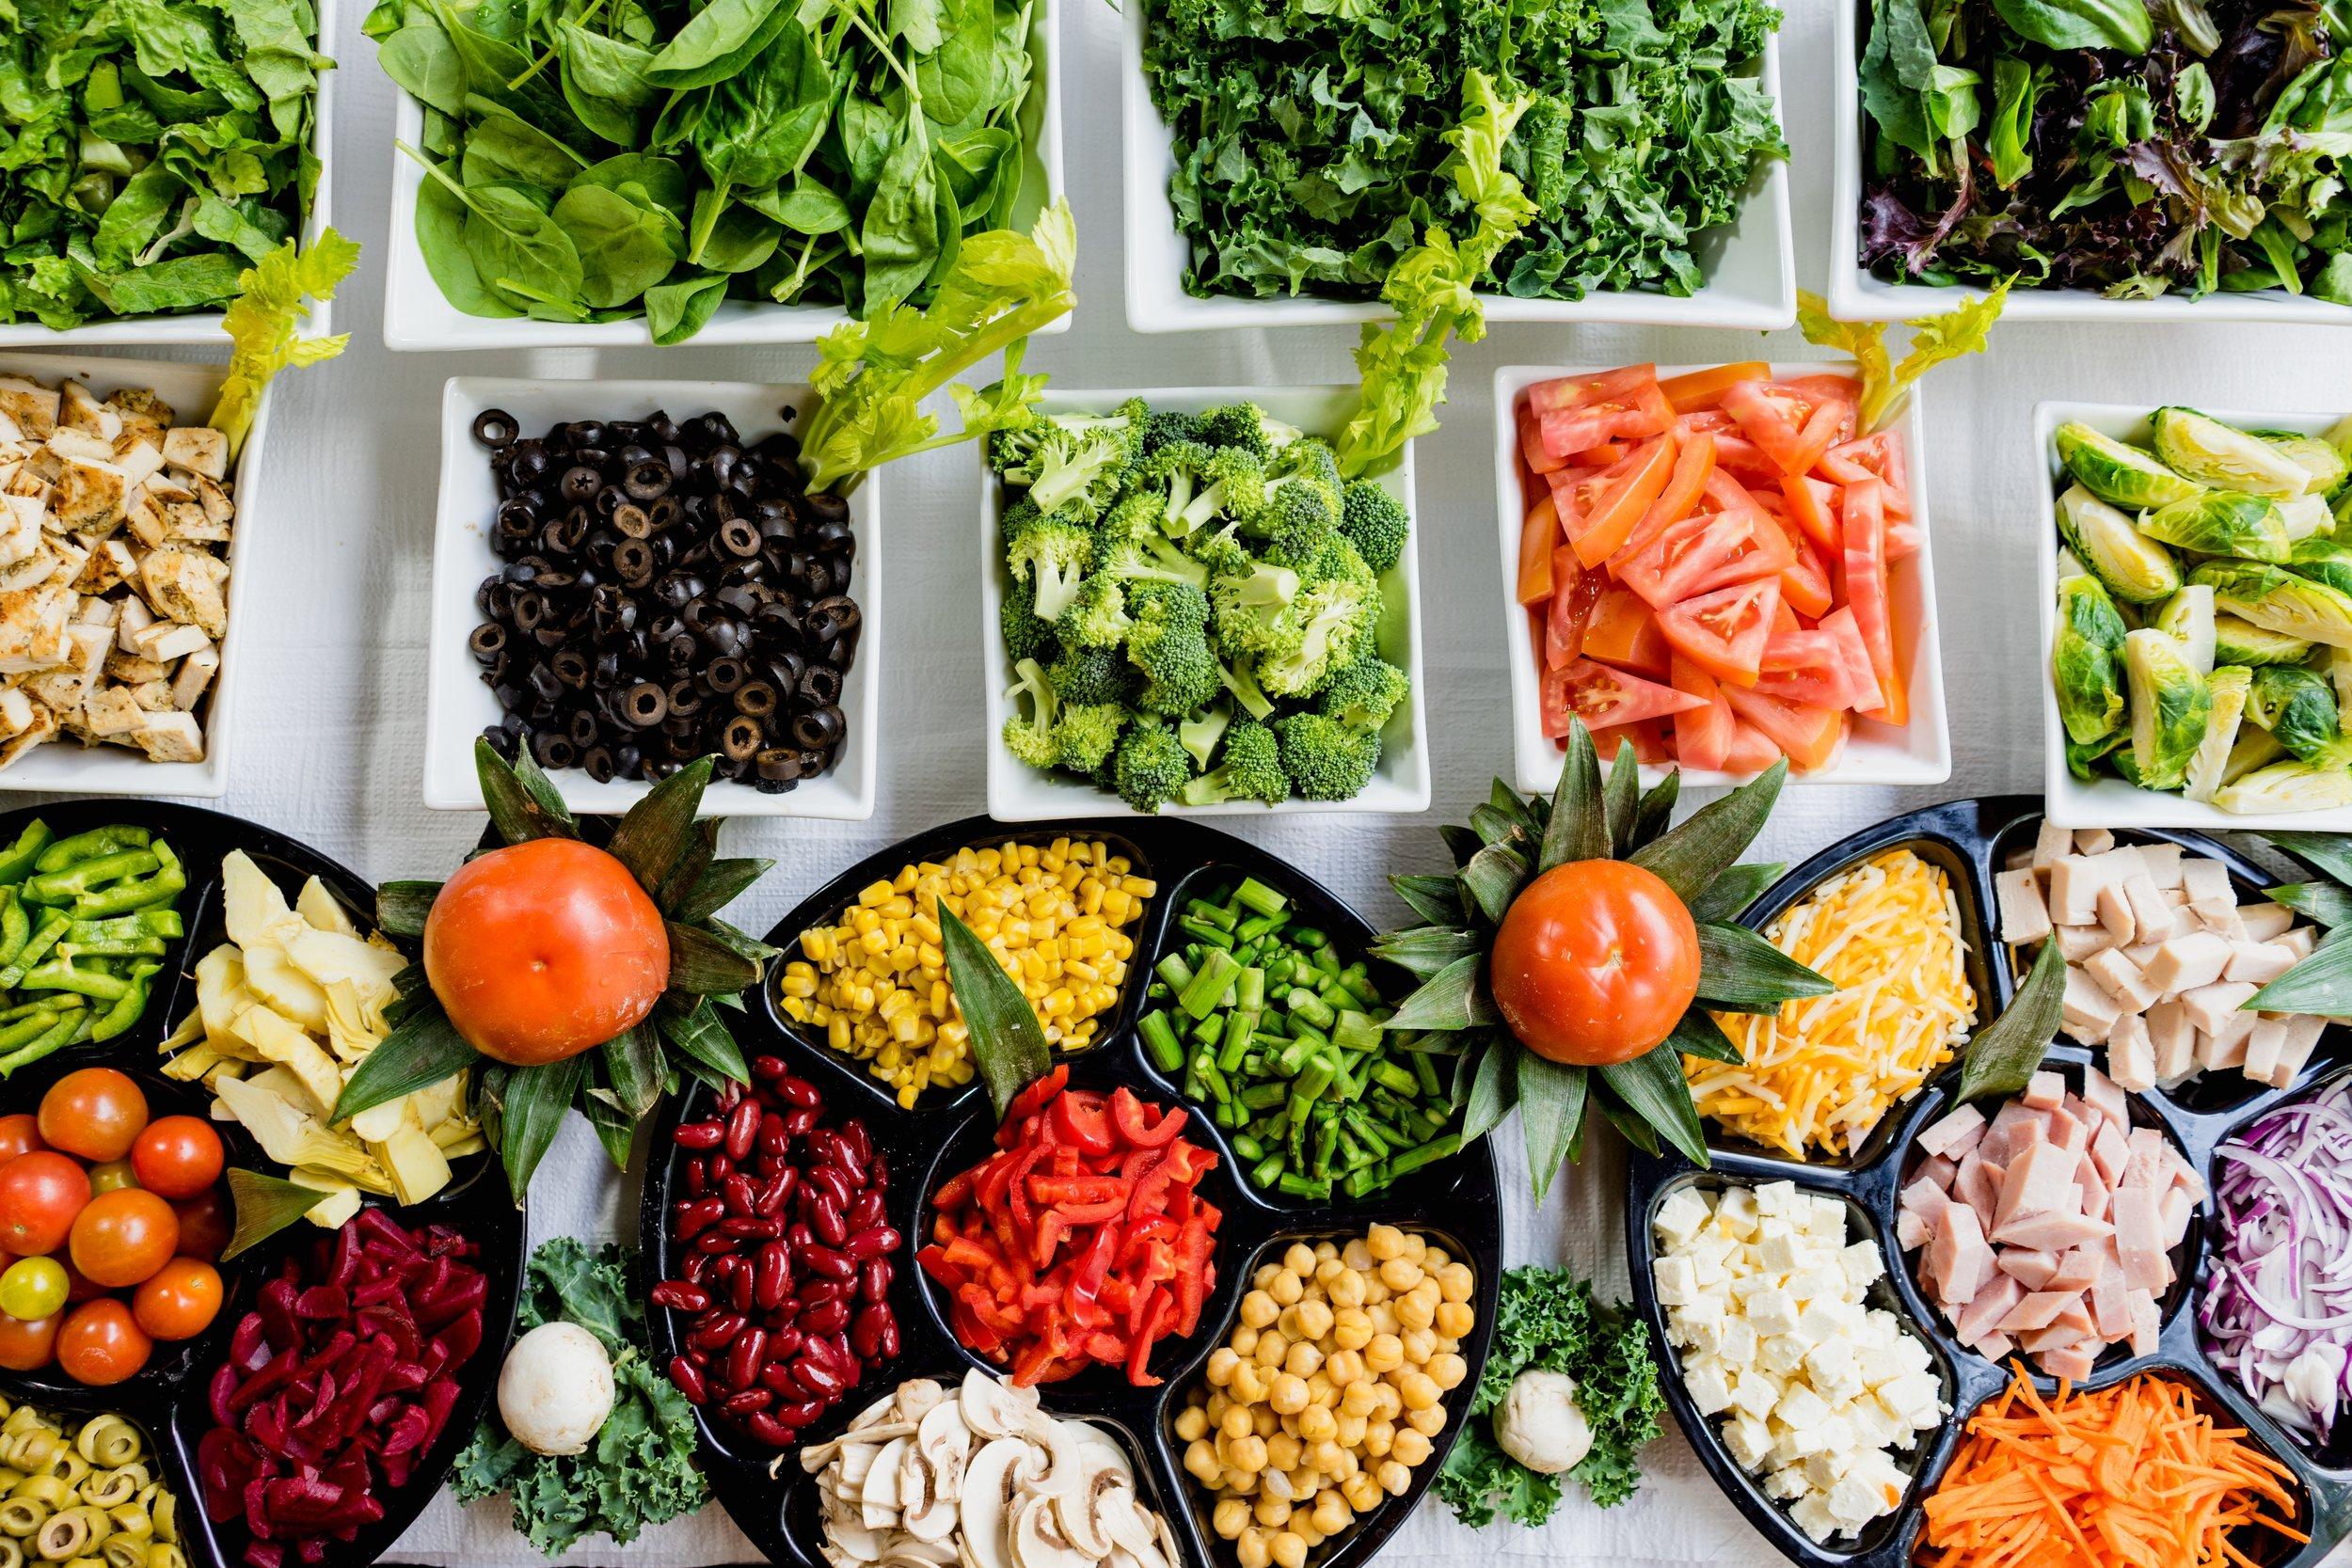 various foods.jpg